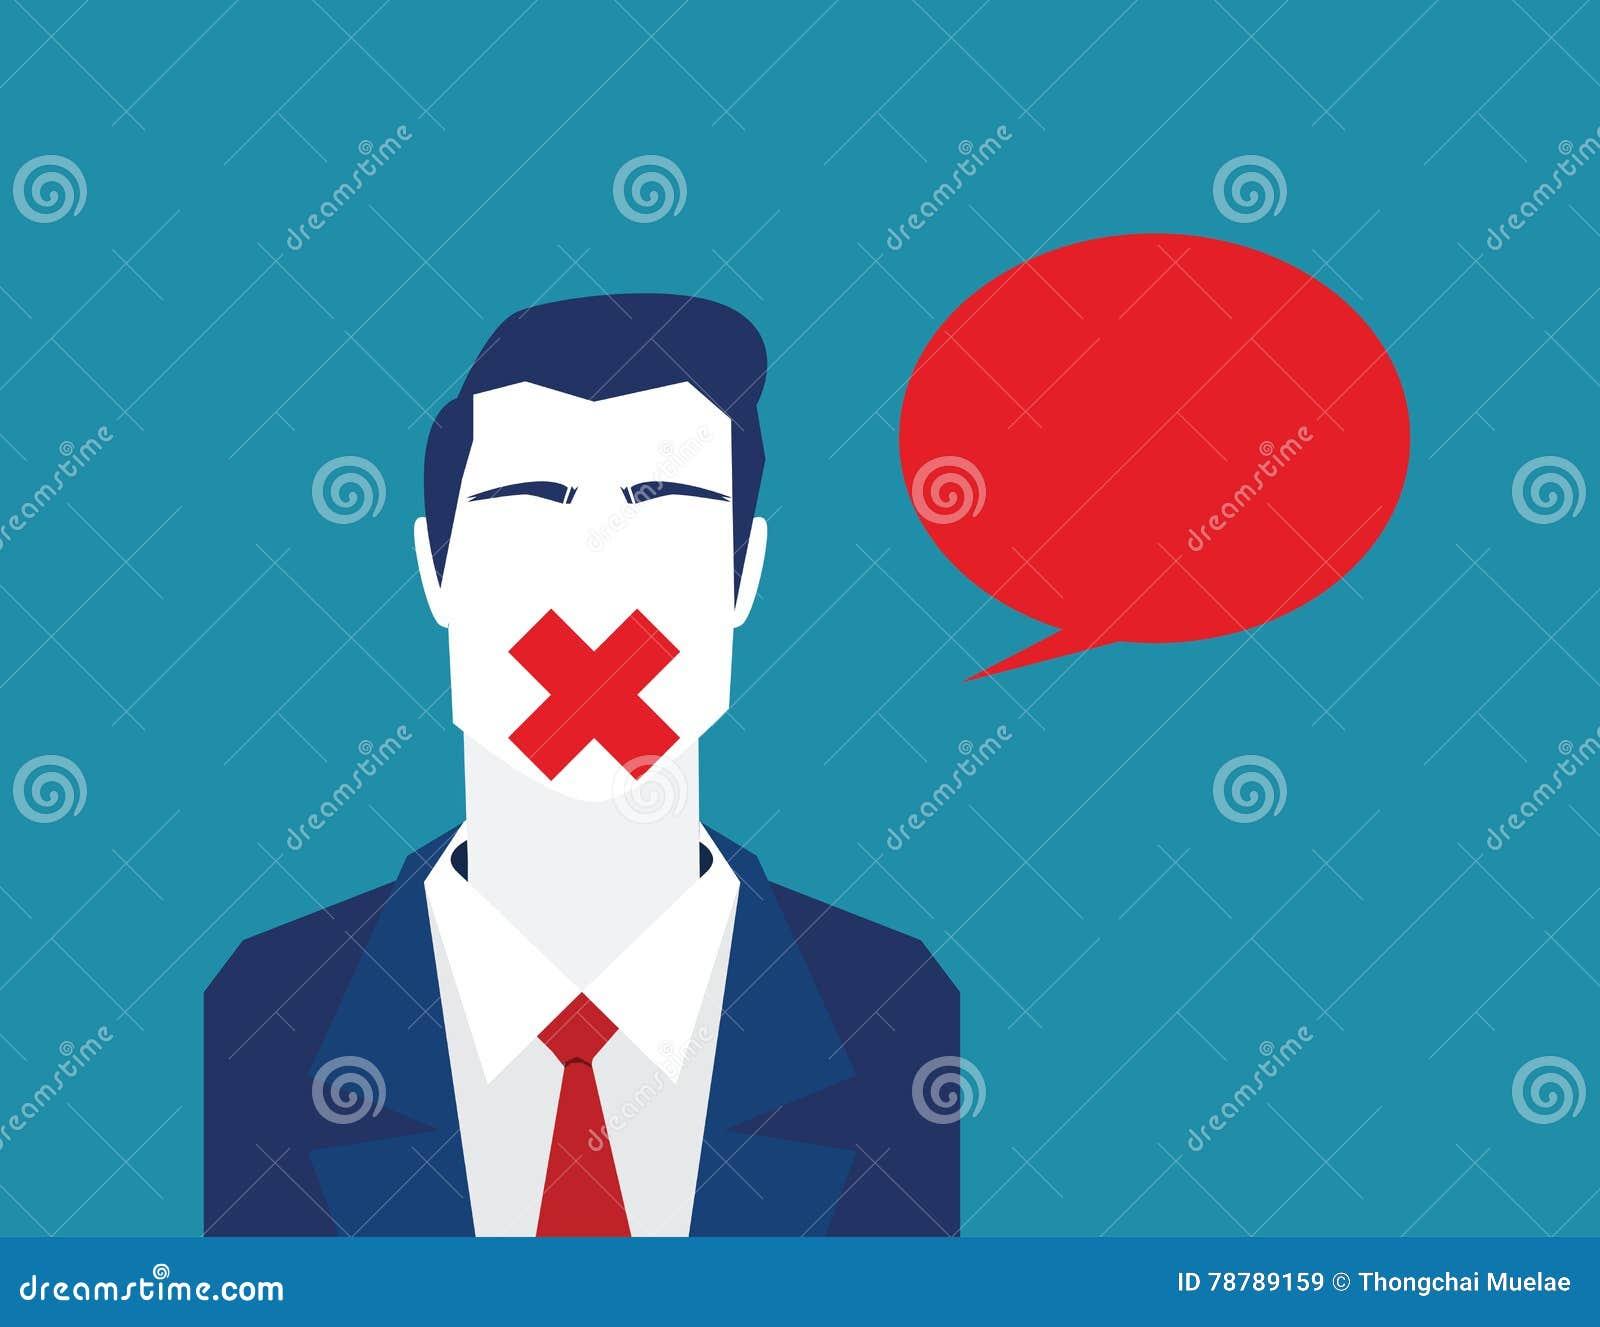 Obstruindo a liberdade para falar ou comentar Fala fechado da liberdade barra-ônibus